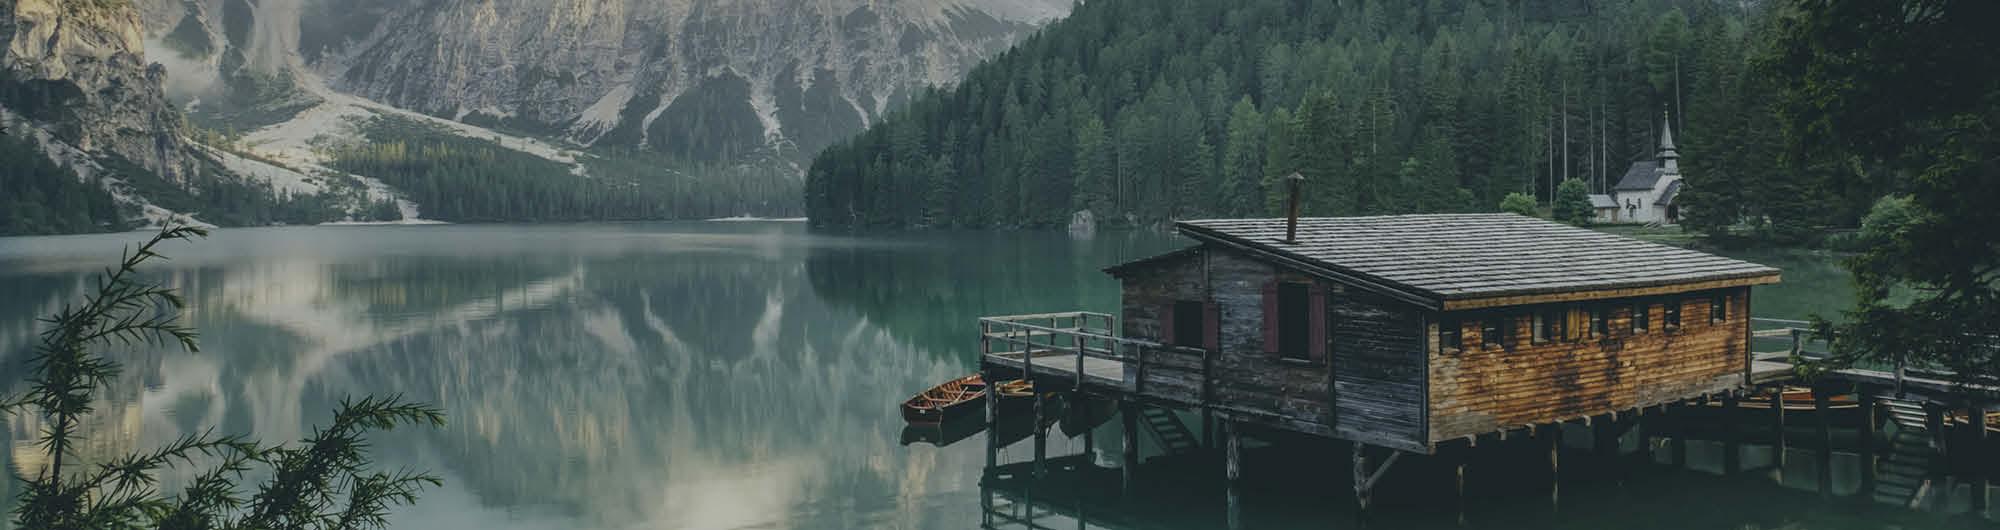 Haus am See in der Natur mit Bergen im Hintergrund